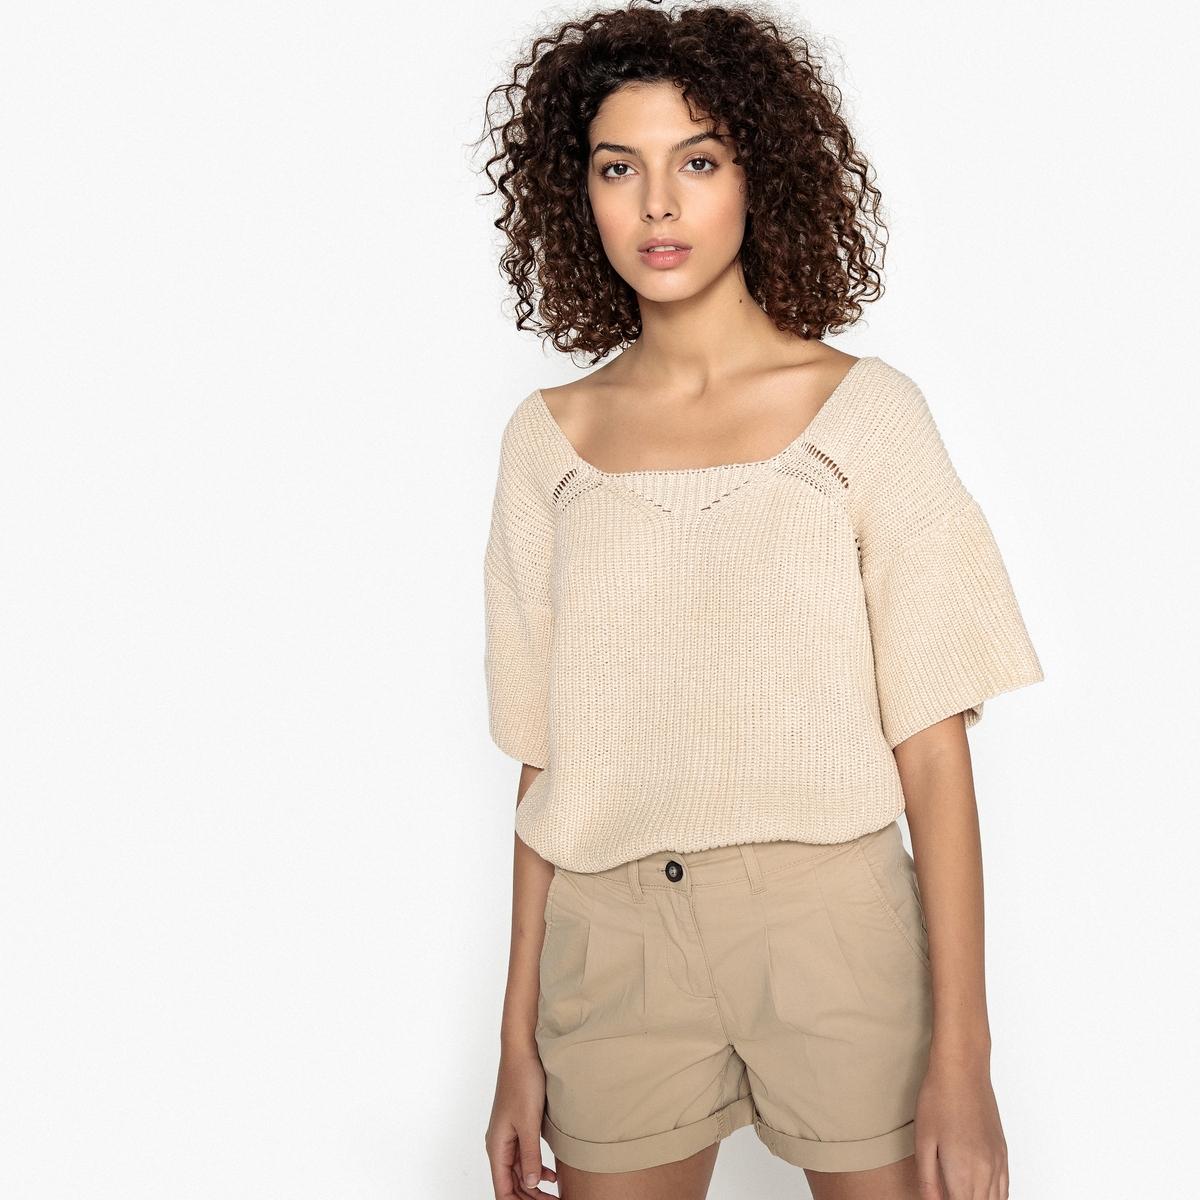 Пуловер с вырезом-лодочкой из тонкого трикотажа пуловер из плотного трикотажа с v образным вырезом